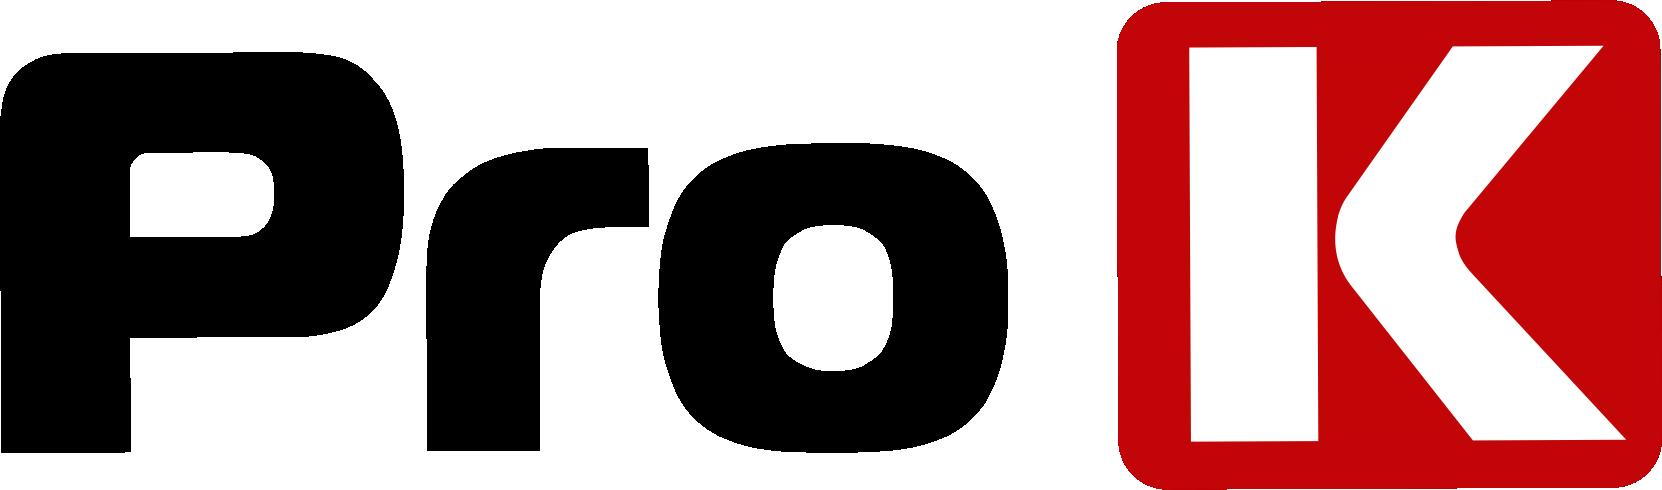 Prok Electronics